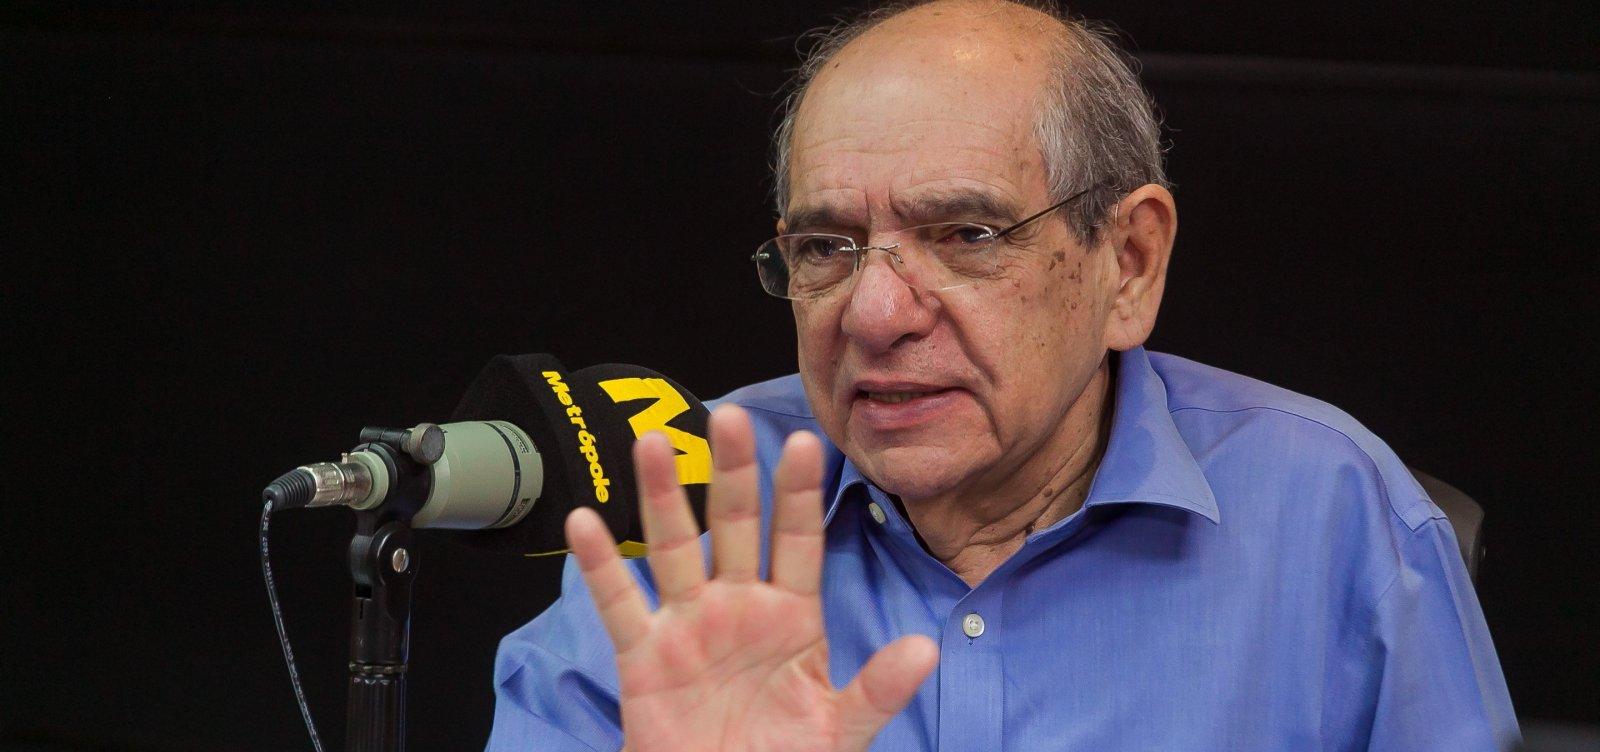 'Sinto tristeza em ver o nosso país chegar tão baixo', diz MK sobre vídeo de Bolsonaro; ouça